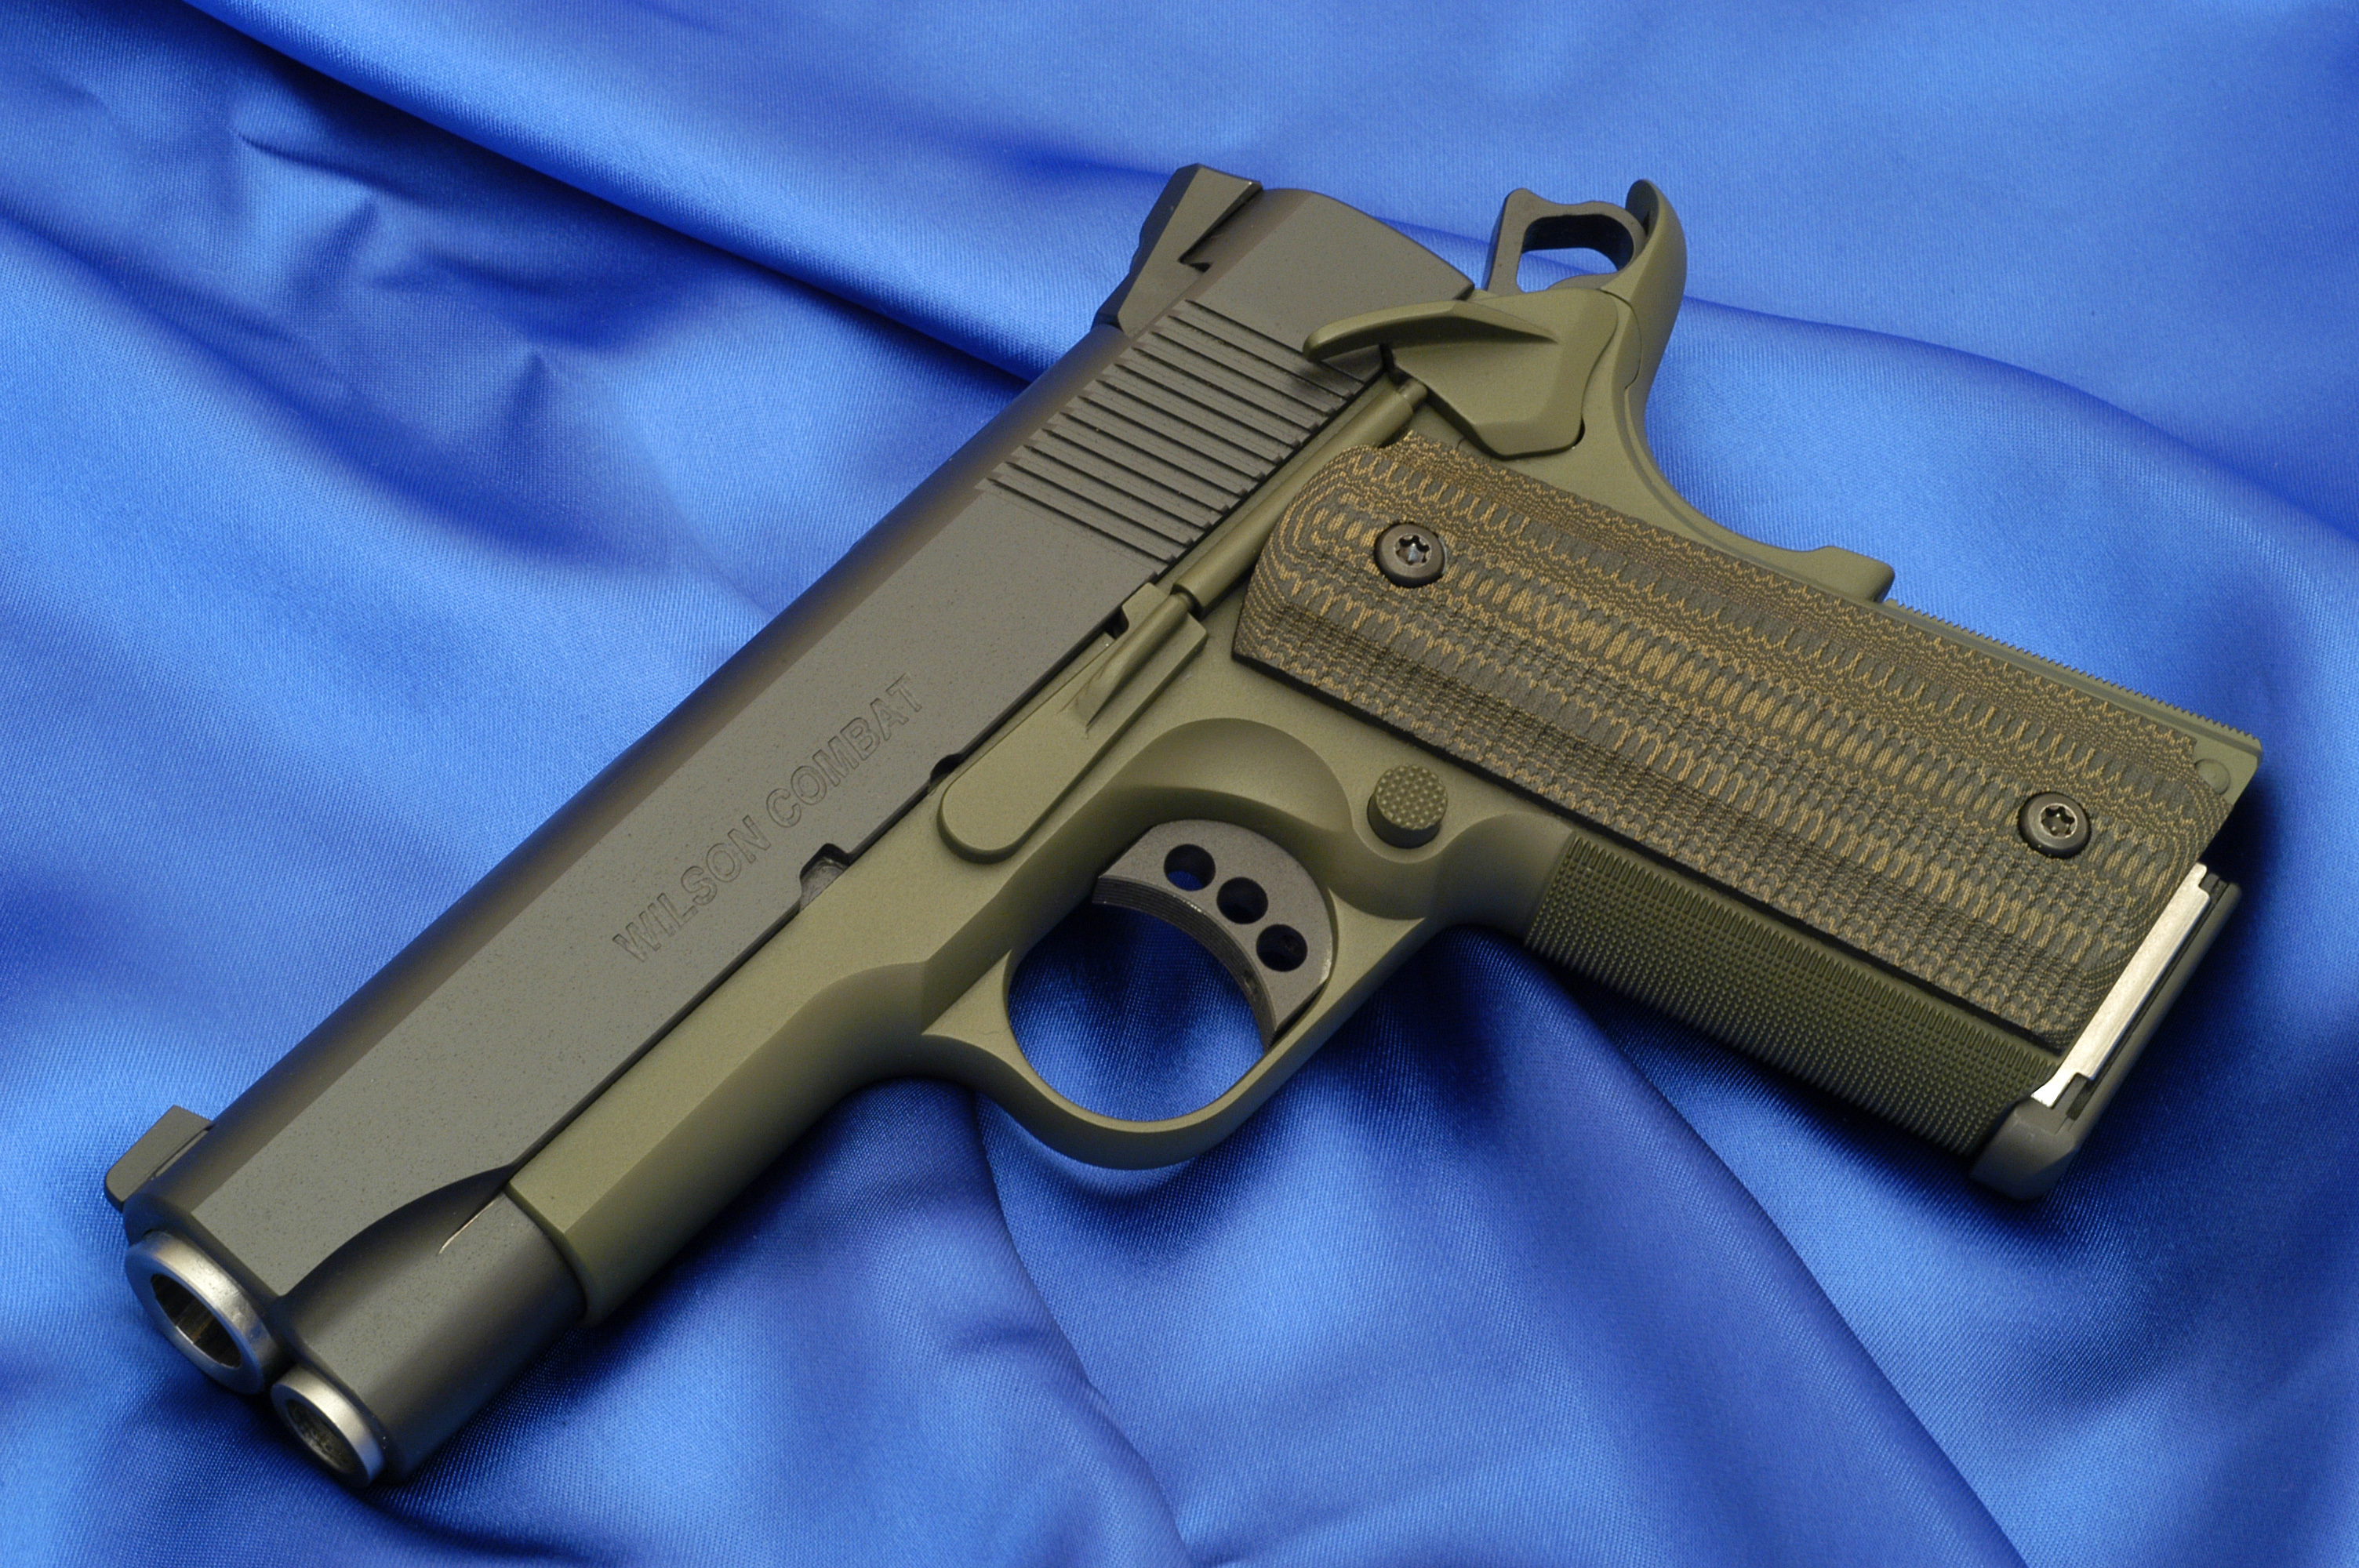 colt m1911 gun weapon wallpaper colt m1911 gun guns wallpaperjpg 3008x2000